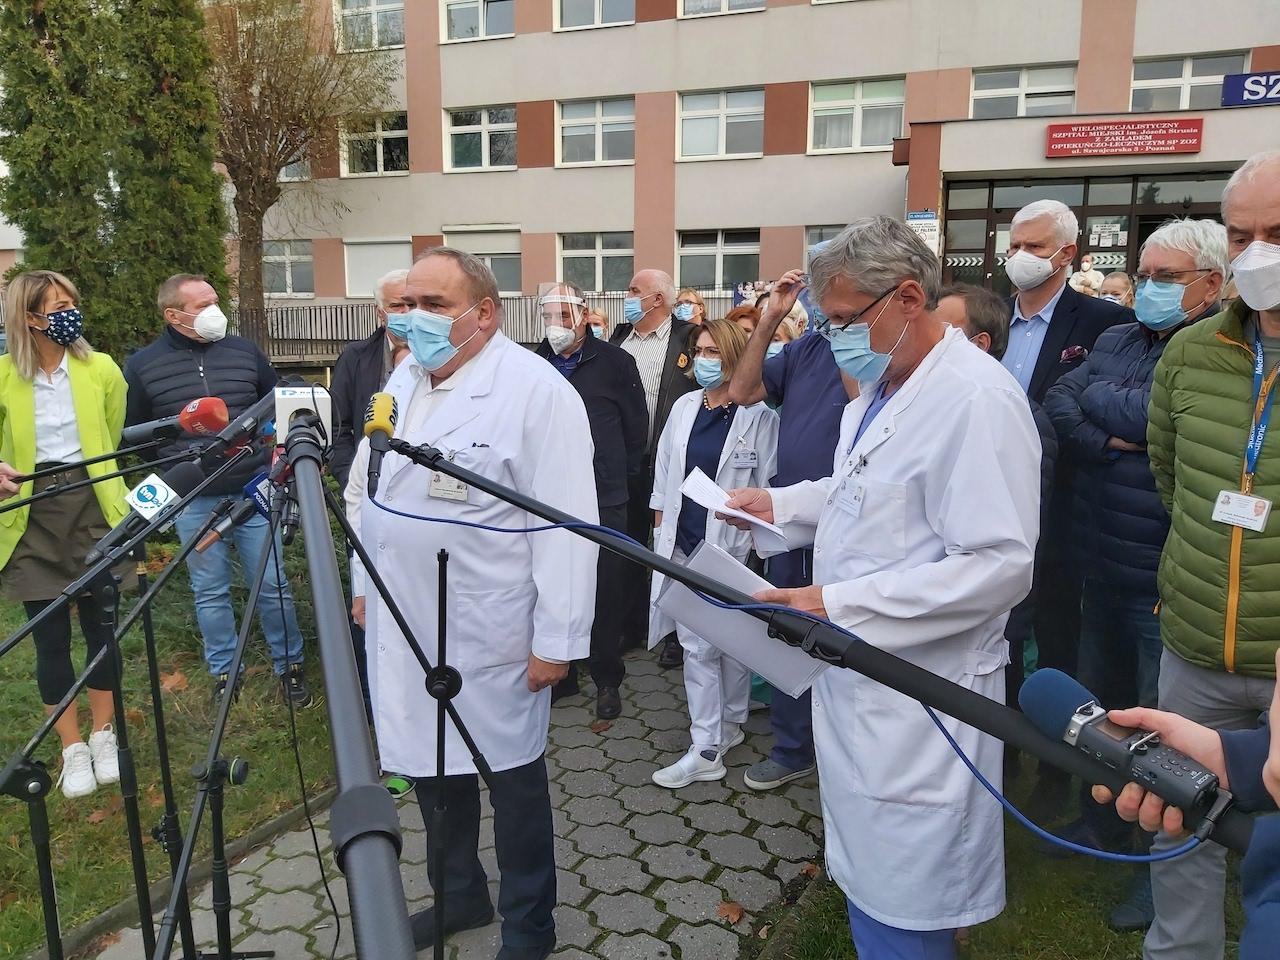 szpital strusia szwajcarska konferencja uwaga tvn - Krzysztof Polasik - Radio Poznań